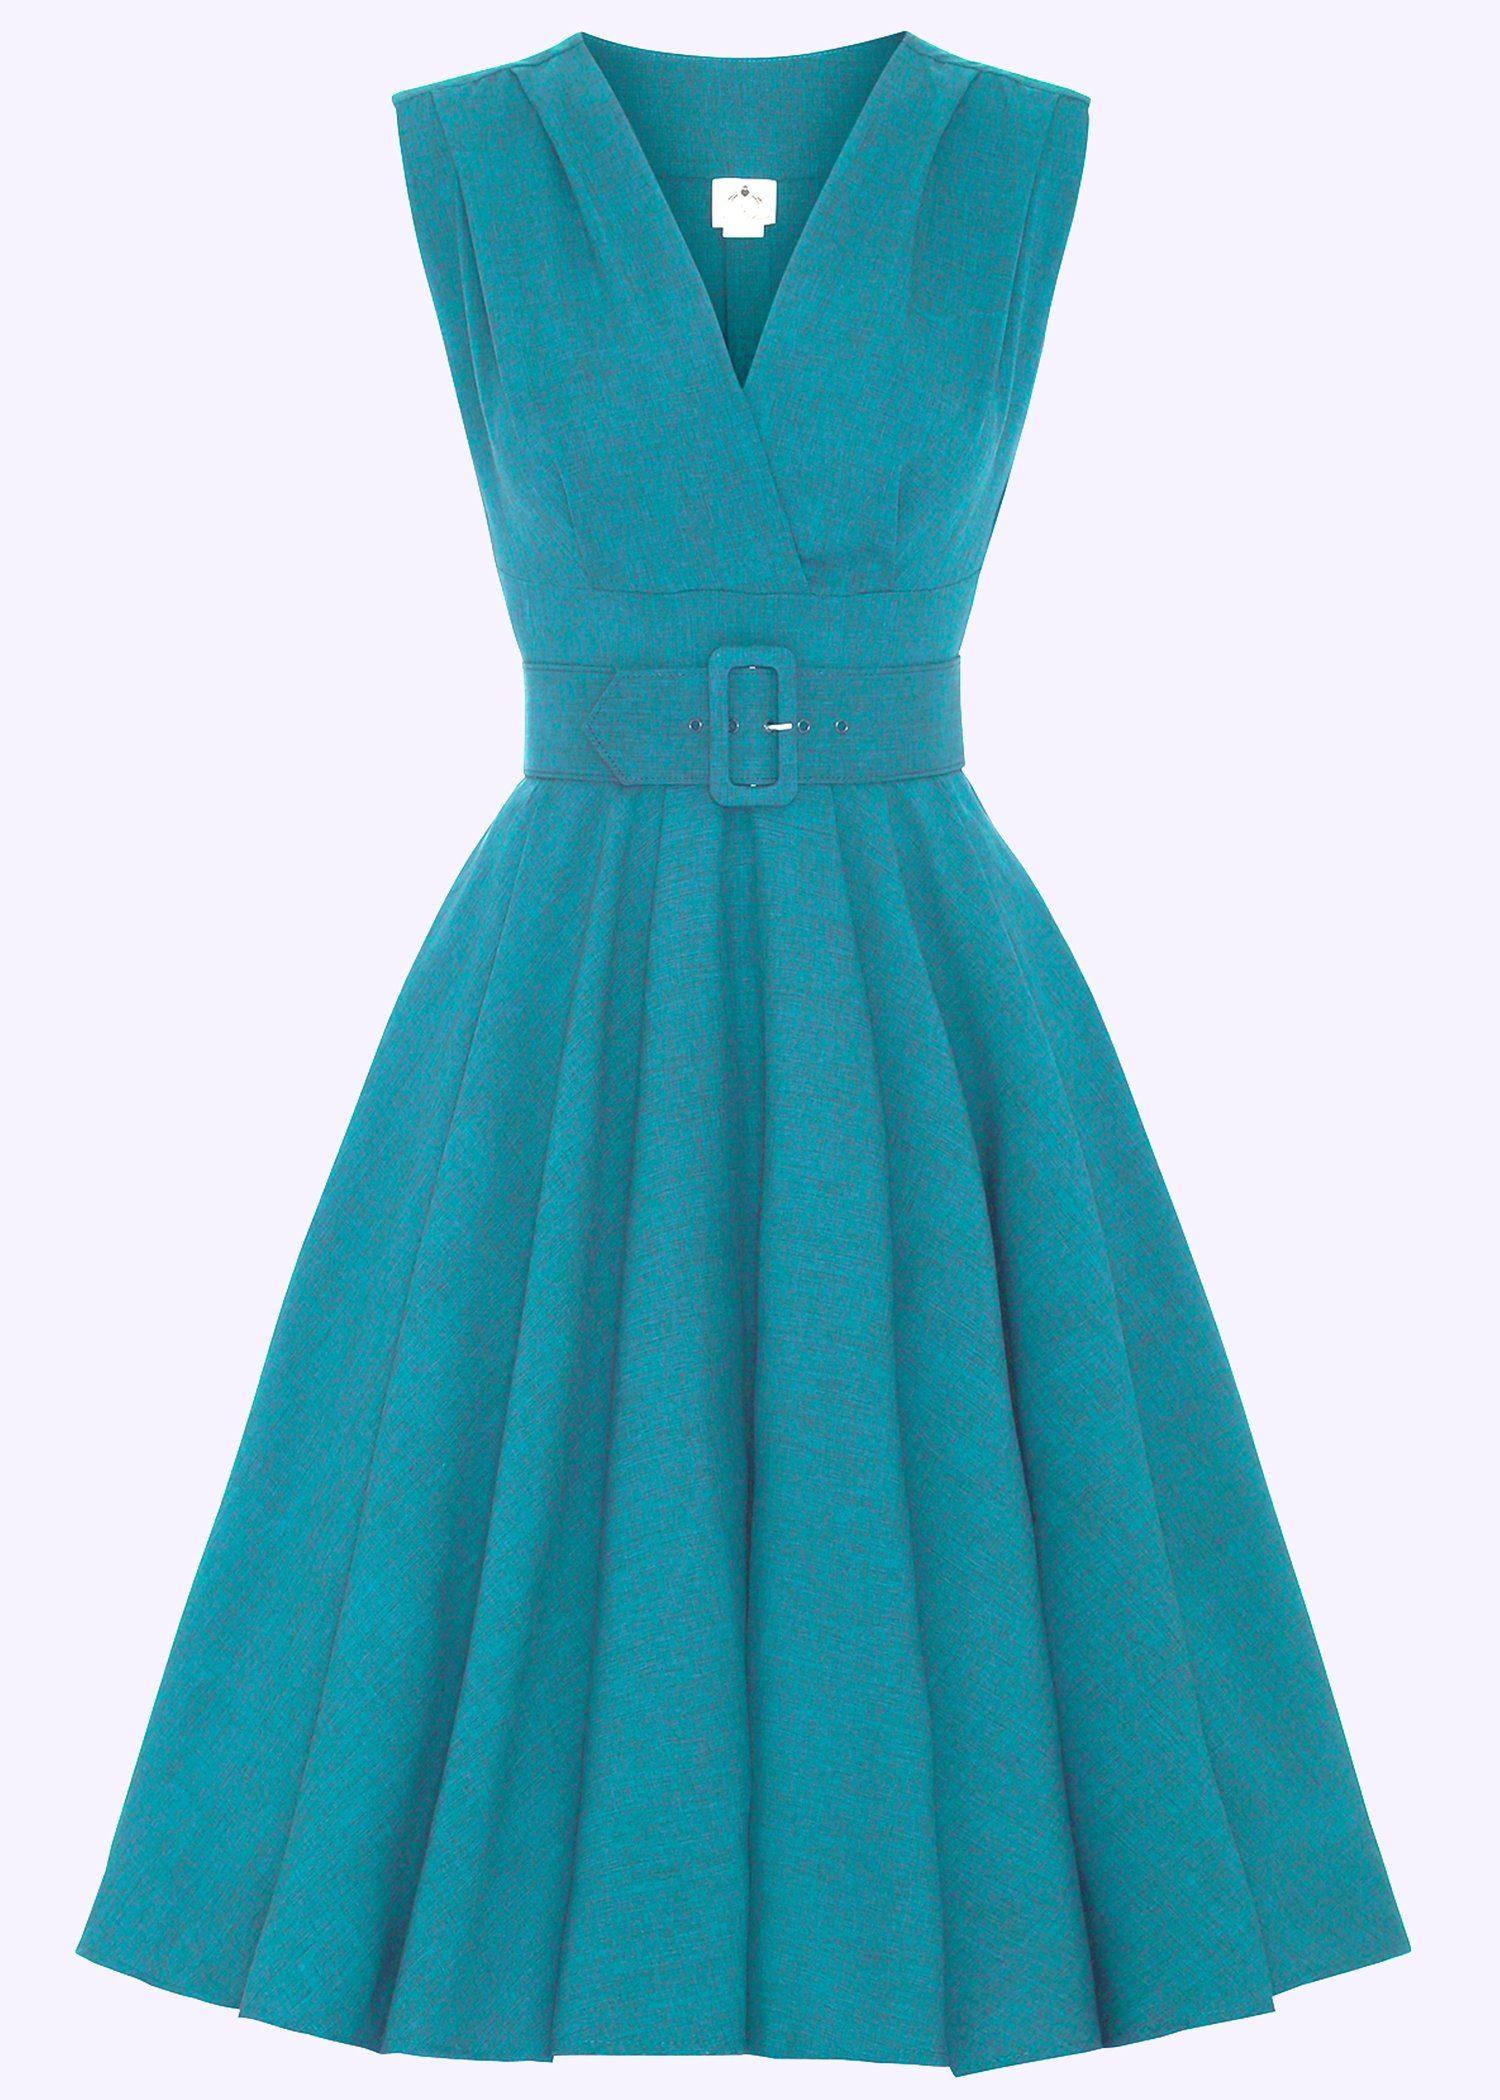 swing dress in teal